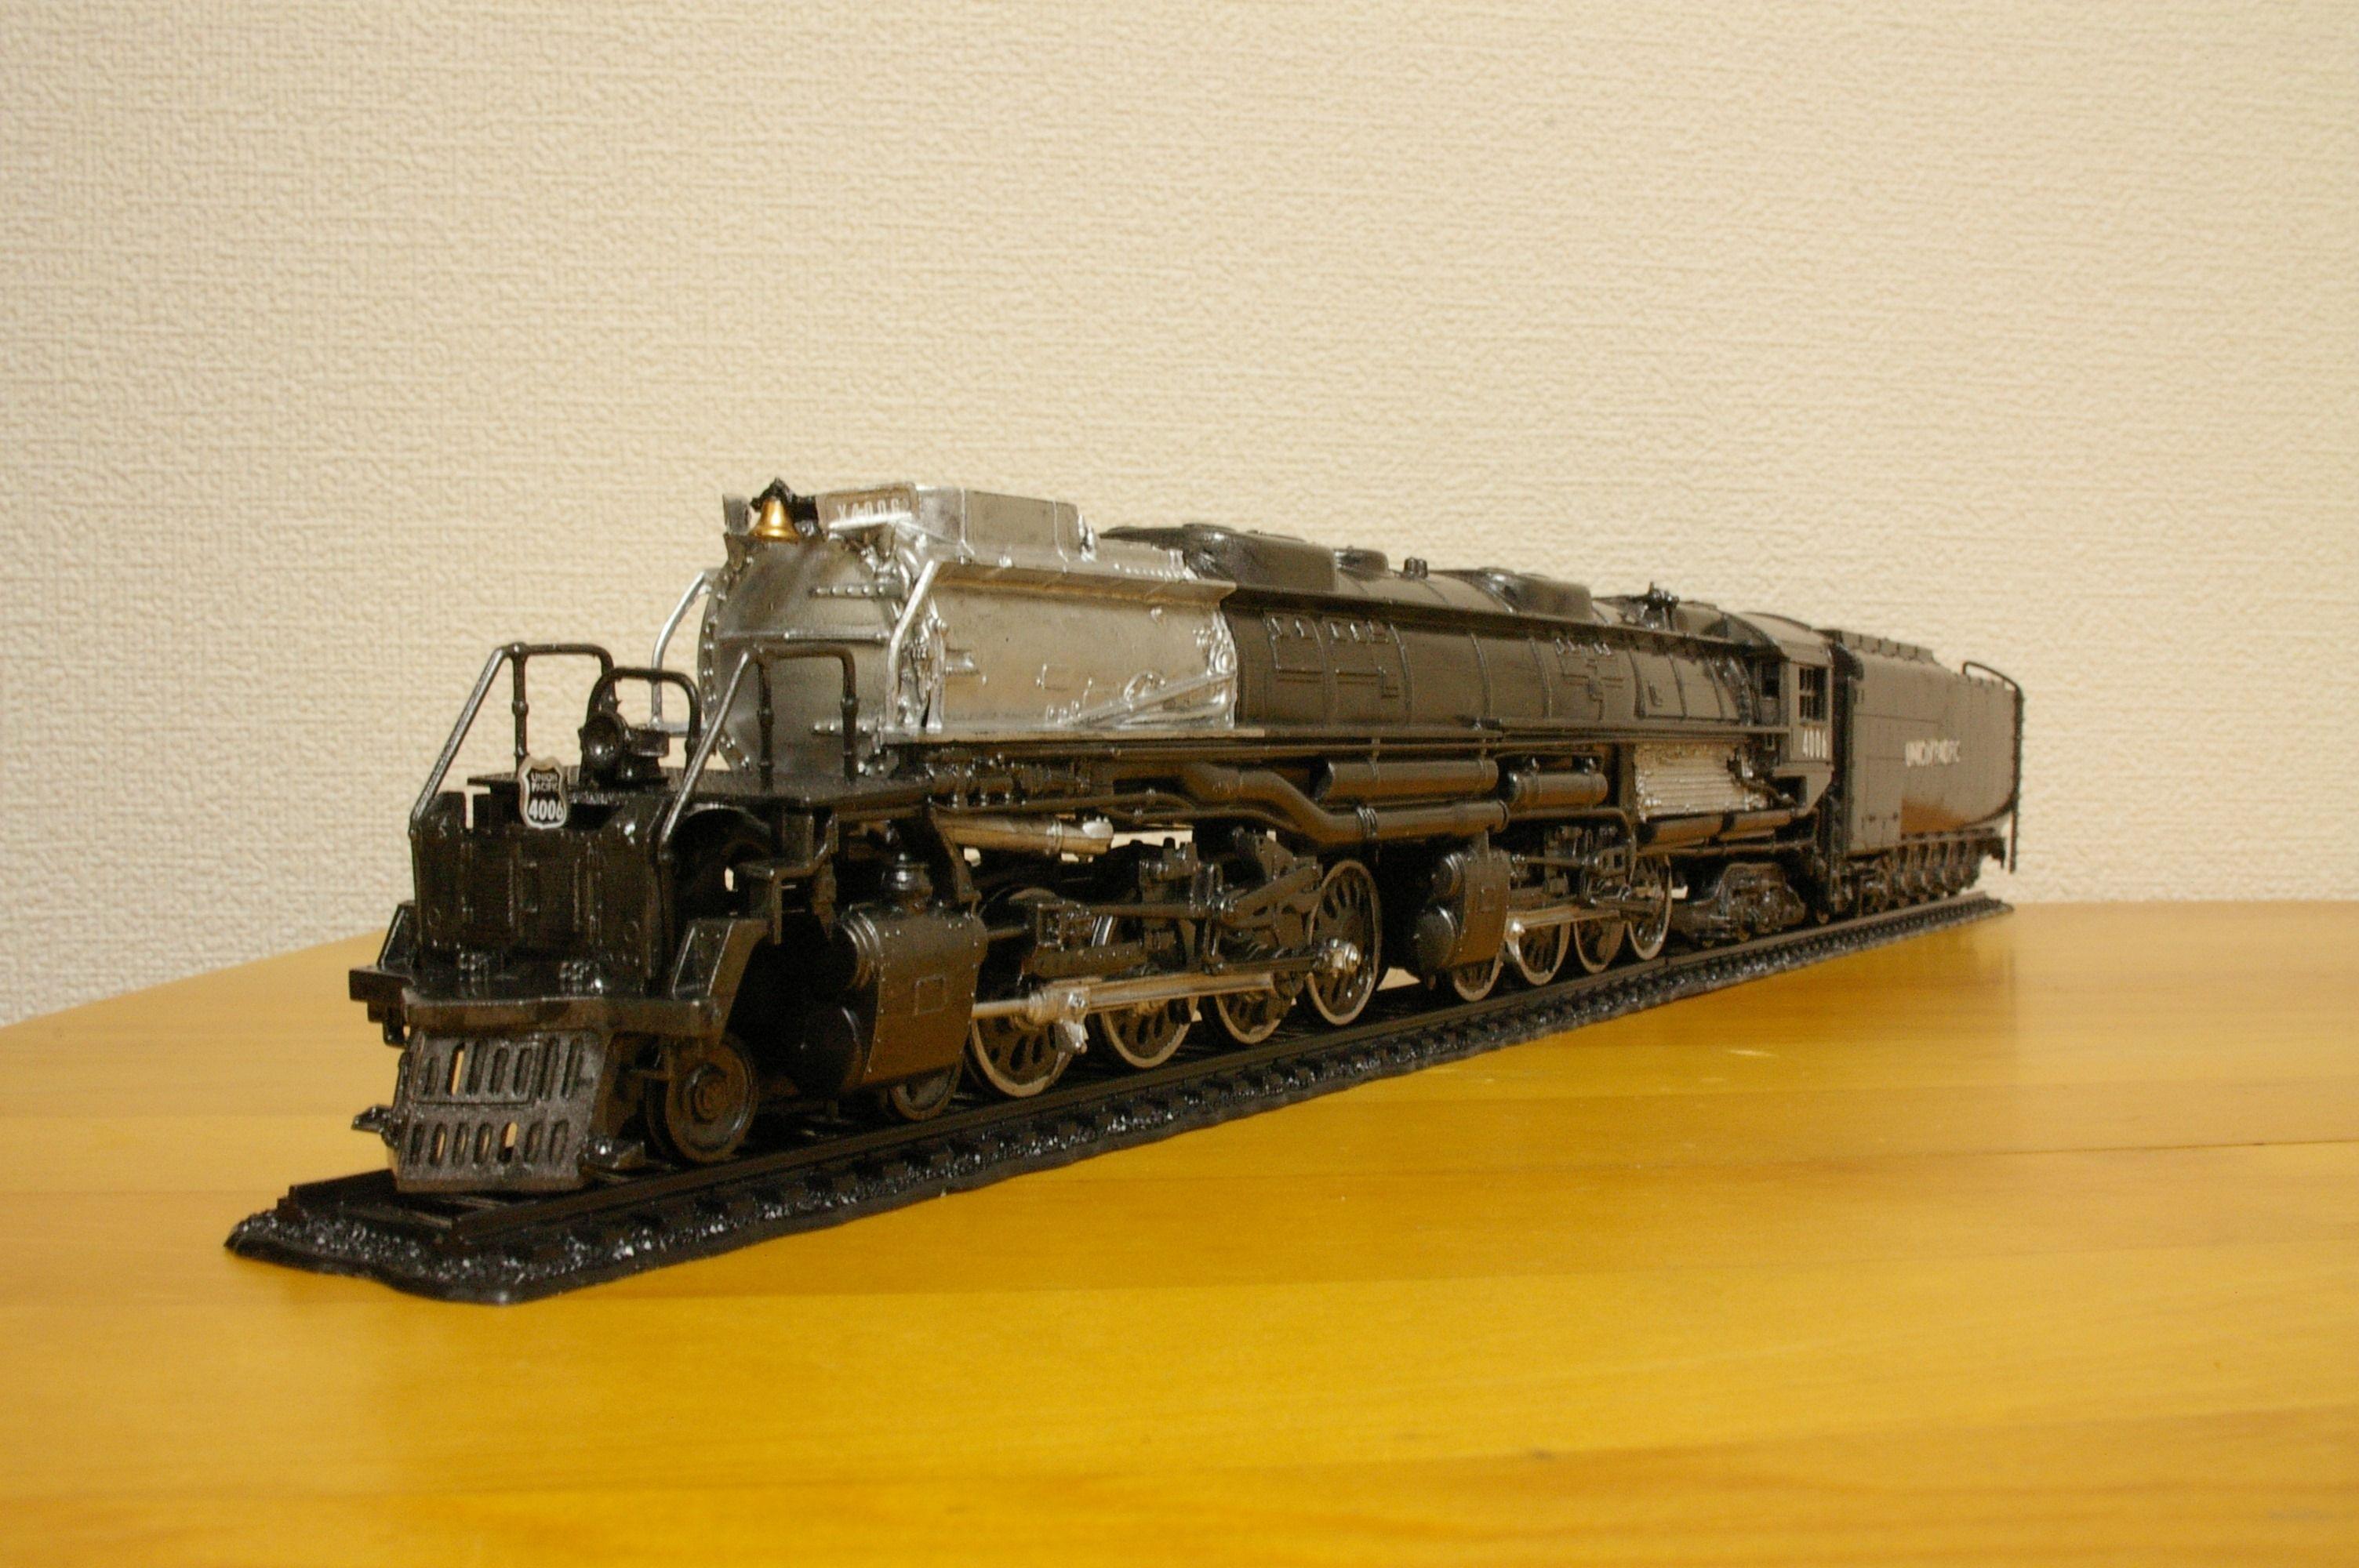 ユニオン・パシフィック鉄道Big Boy 1/87 Big Boy Locomotive Plastic Model Kit Union Pacific Revell